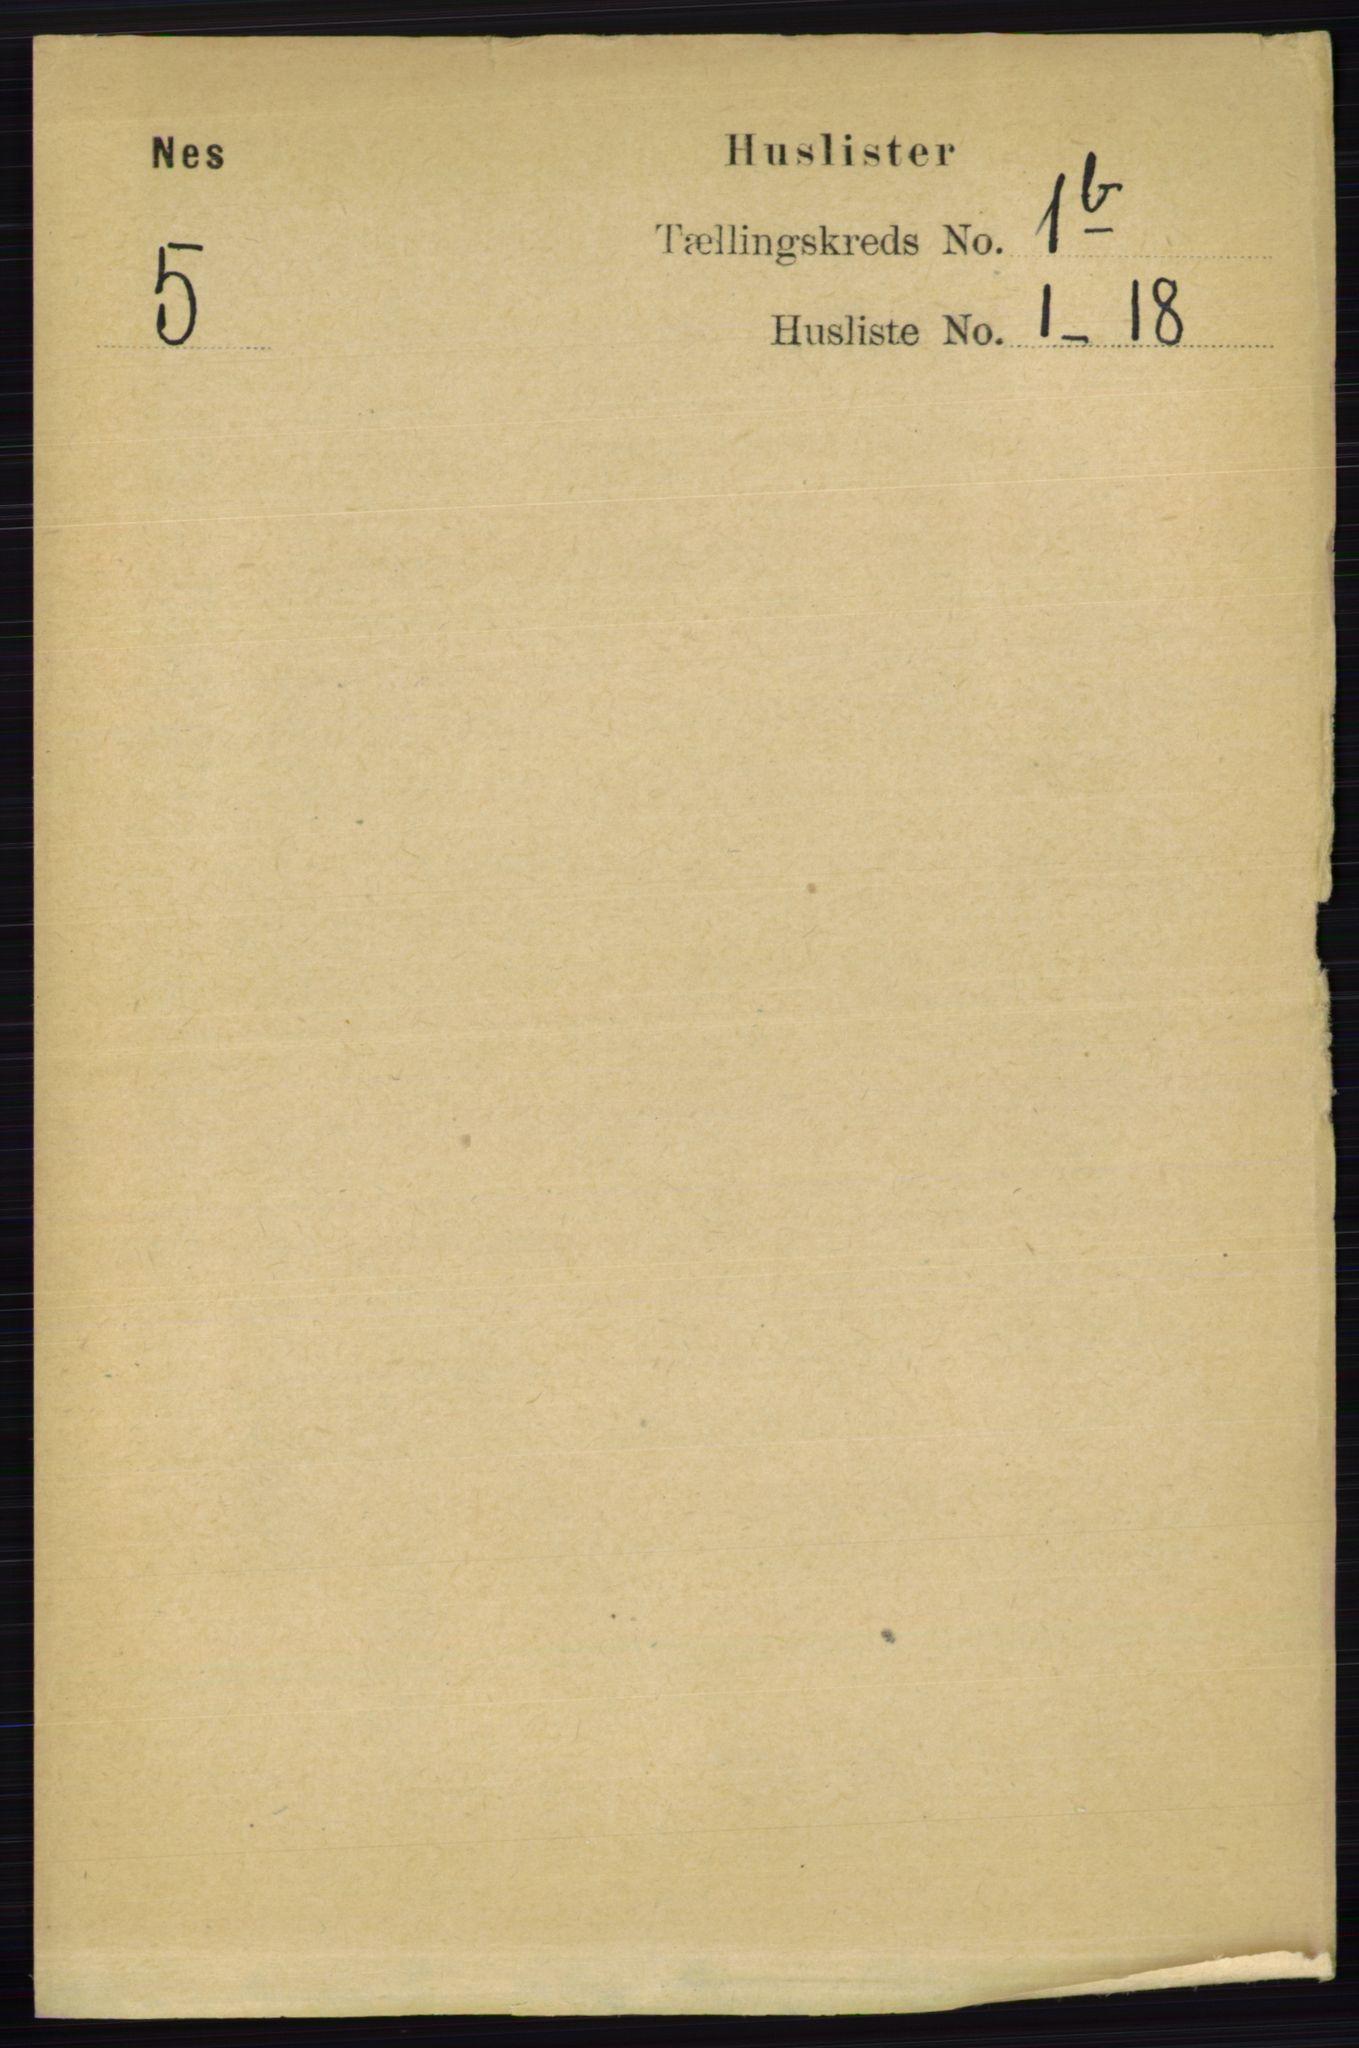 RA, Folketelling 1891 for 0236 Nes herred, 1891, s. 689